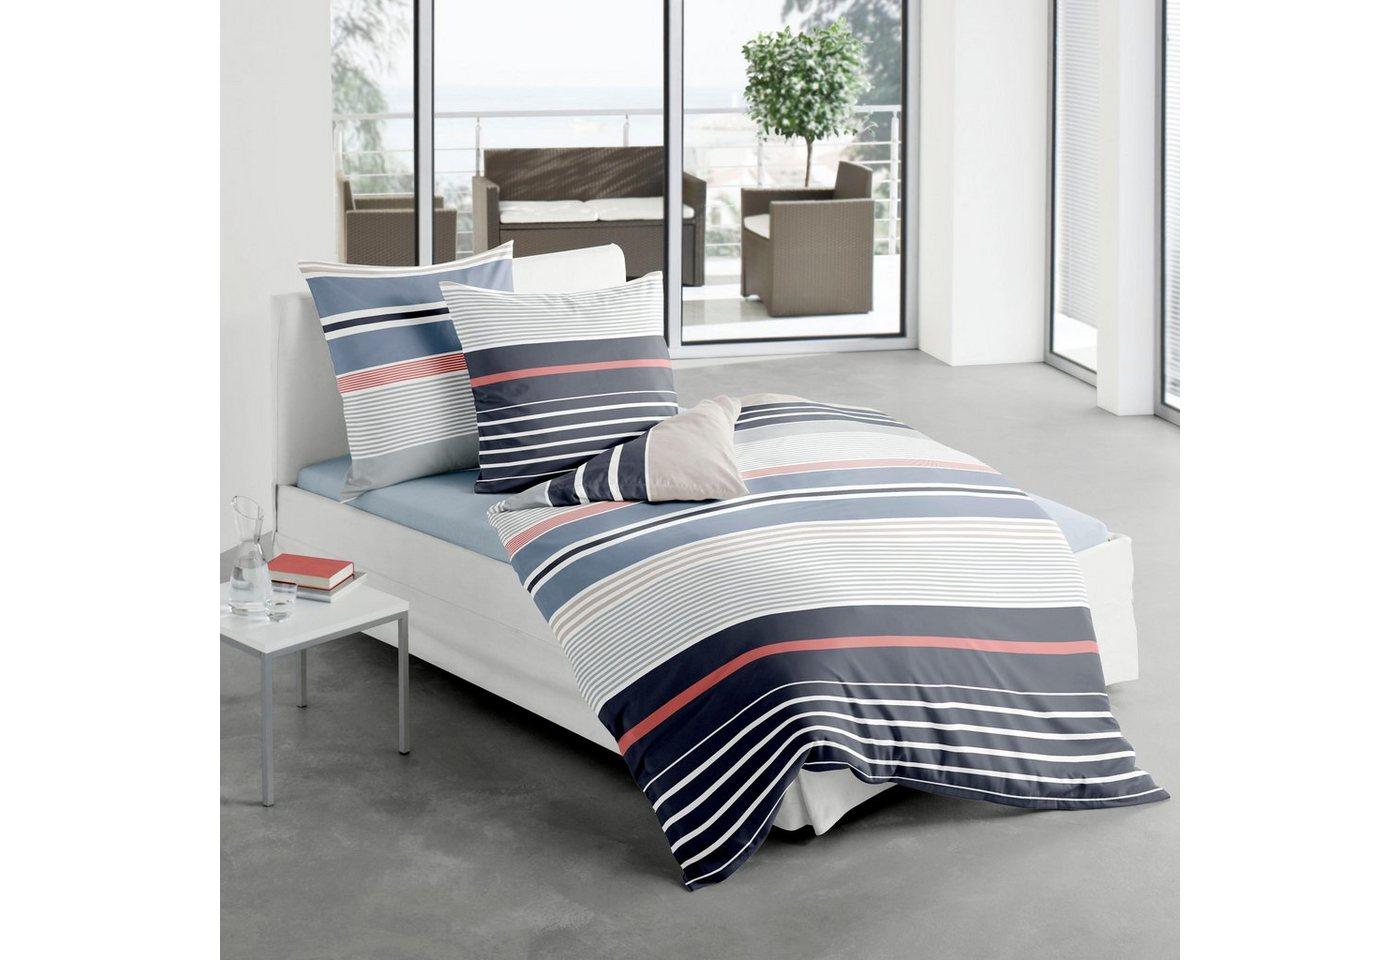 Bettwasche Sea Stripes Bierbaum Mit Streifen